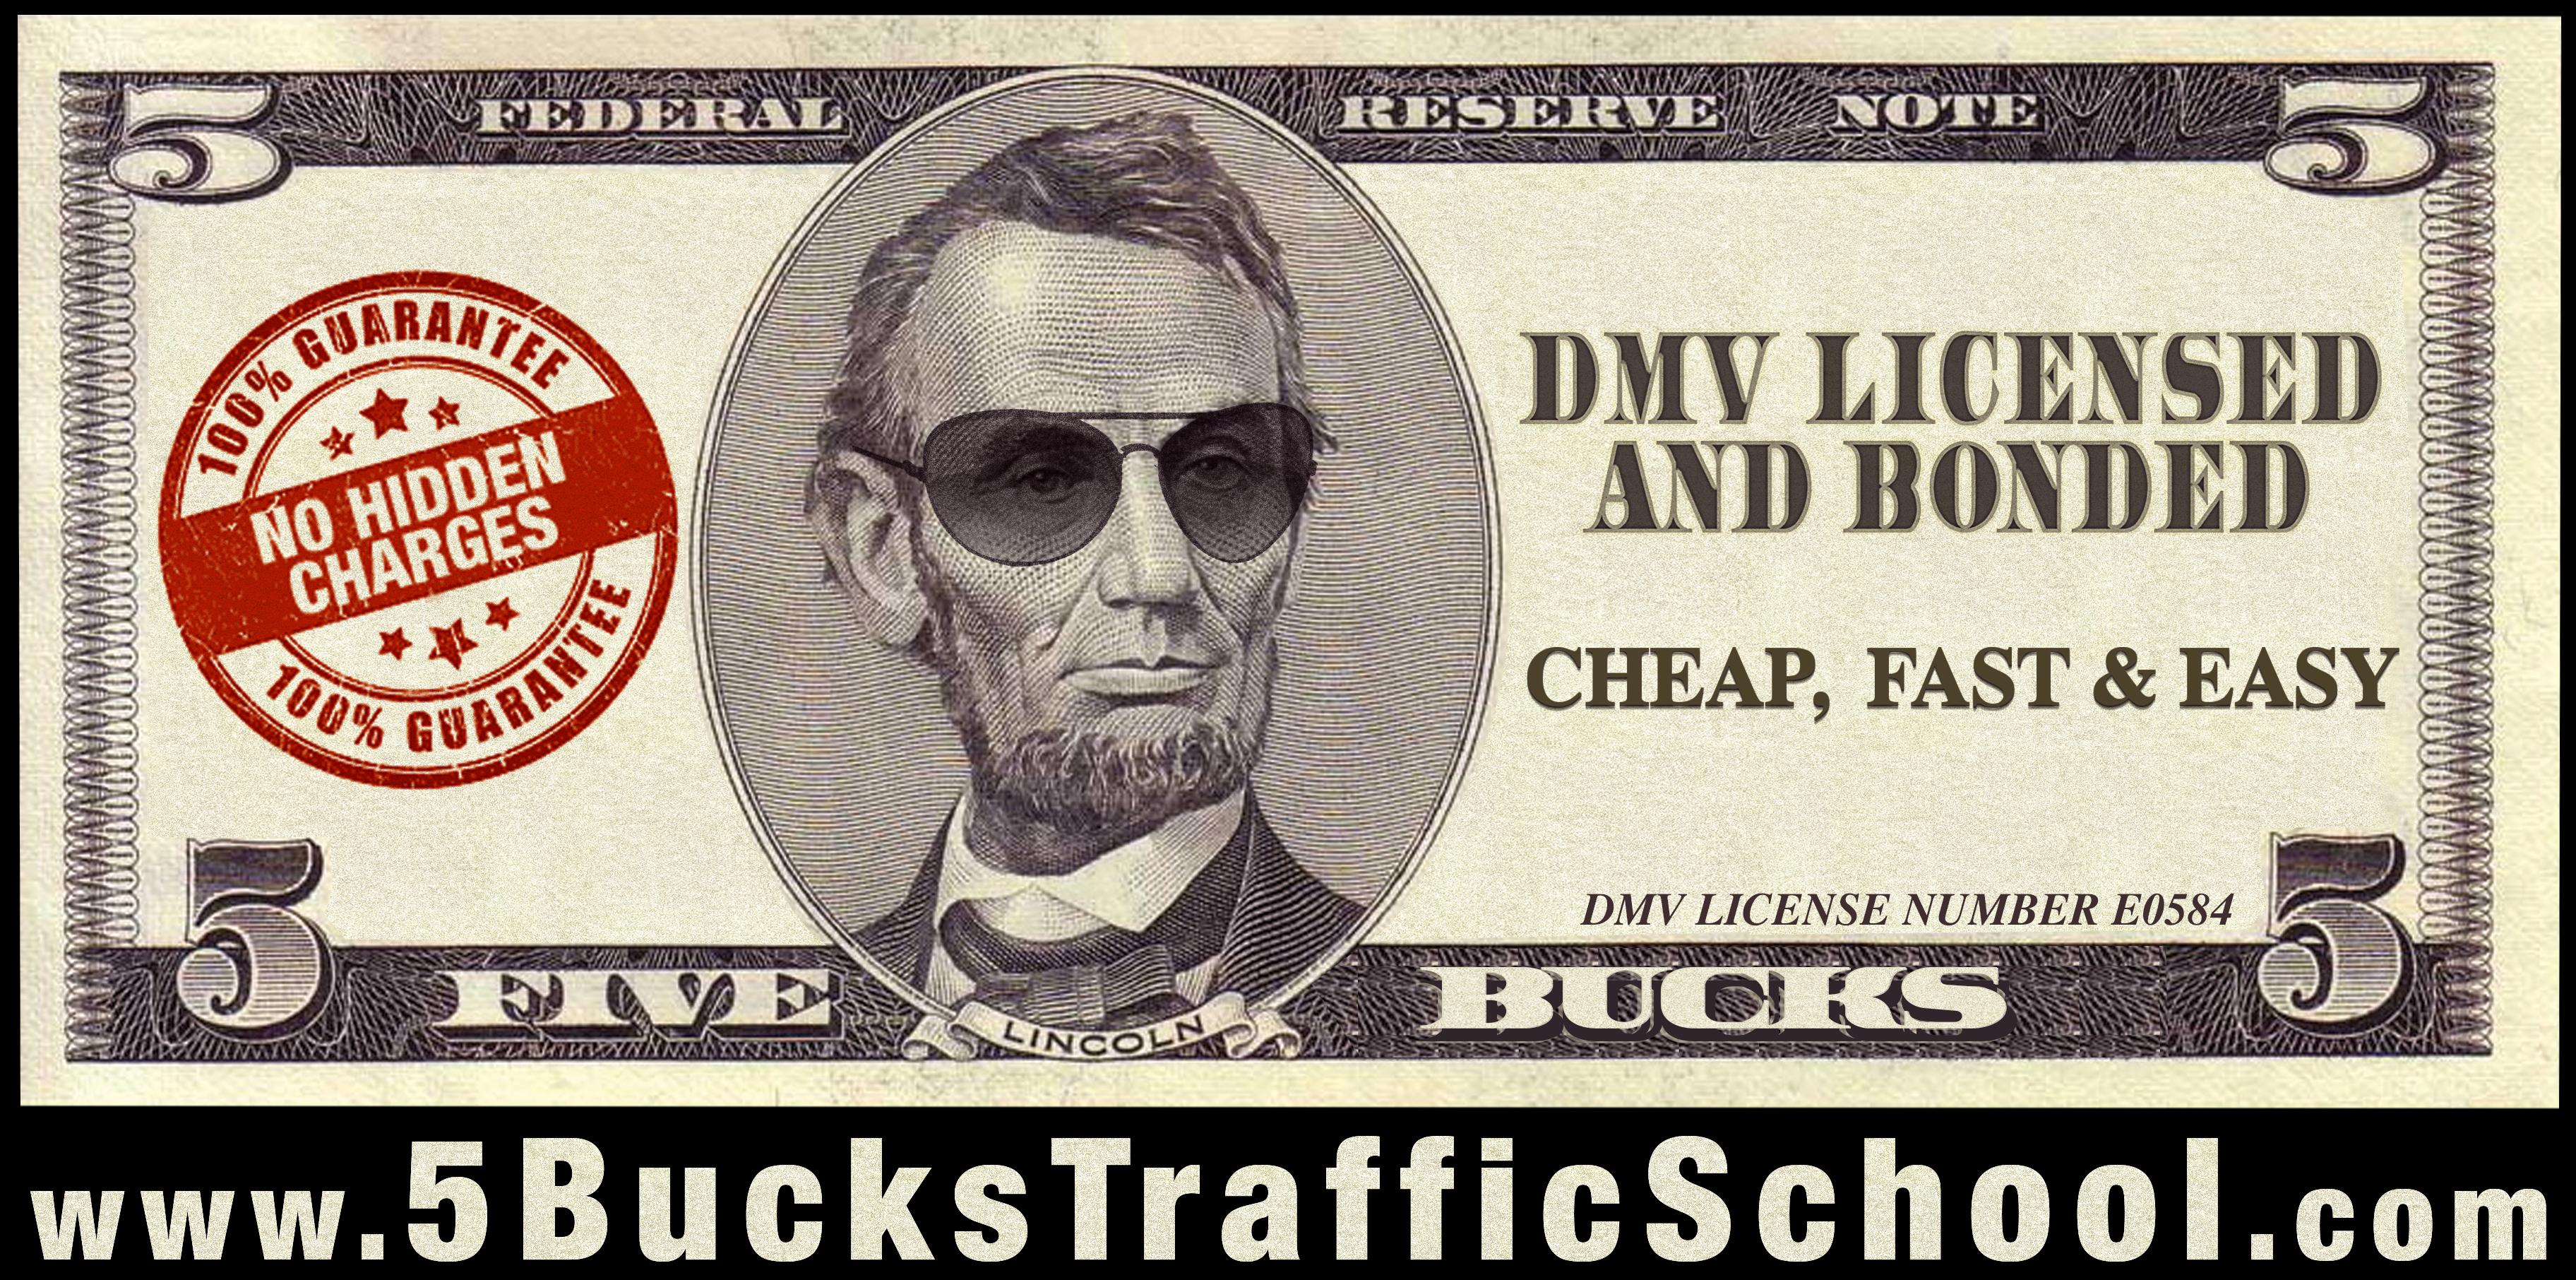 5 Bucks Traffic News Better Driving For A Better World